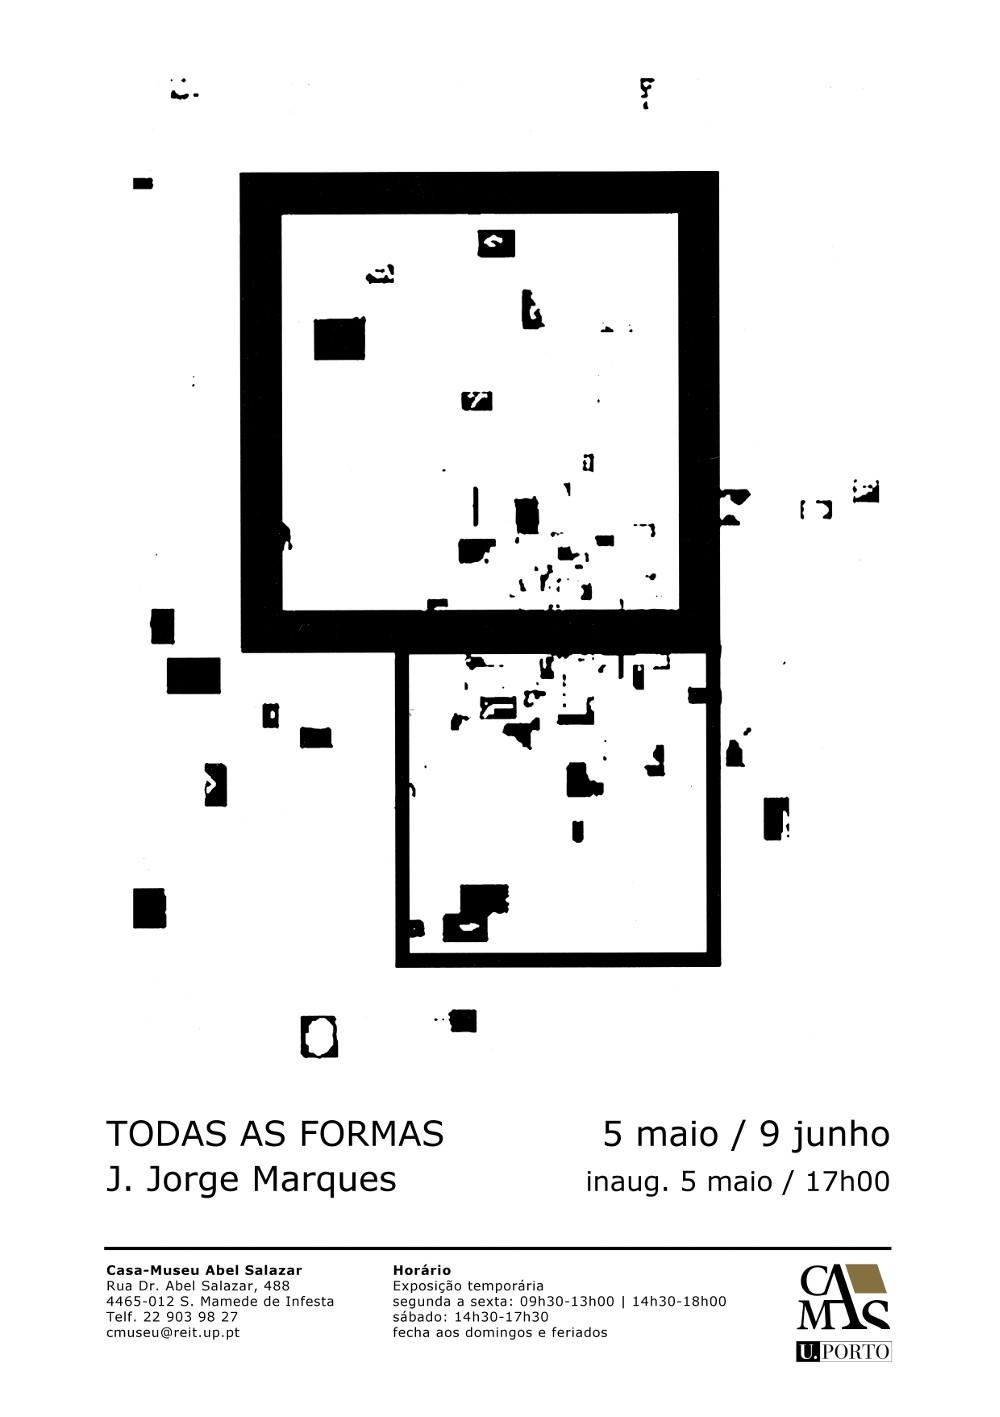 TODAS AS FORMAS por J. Jorge Marques